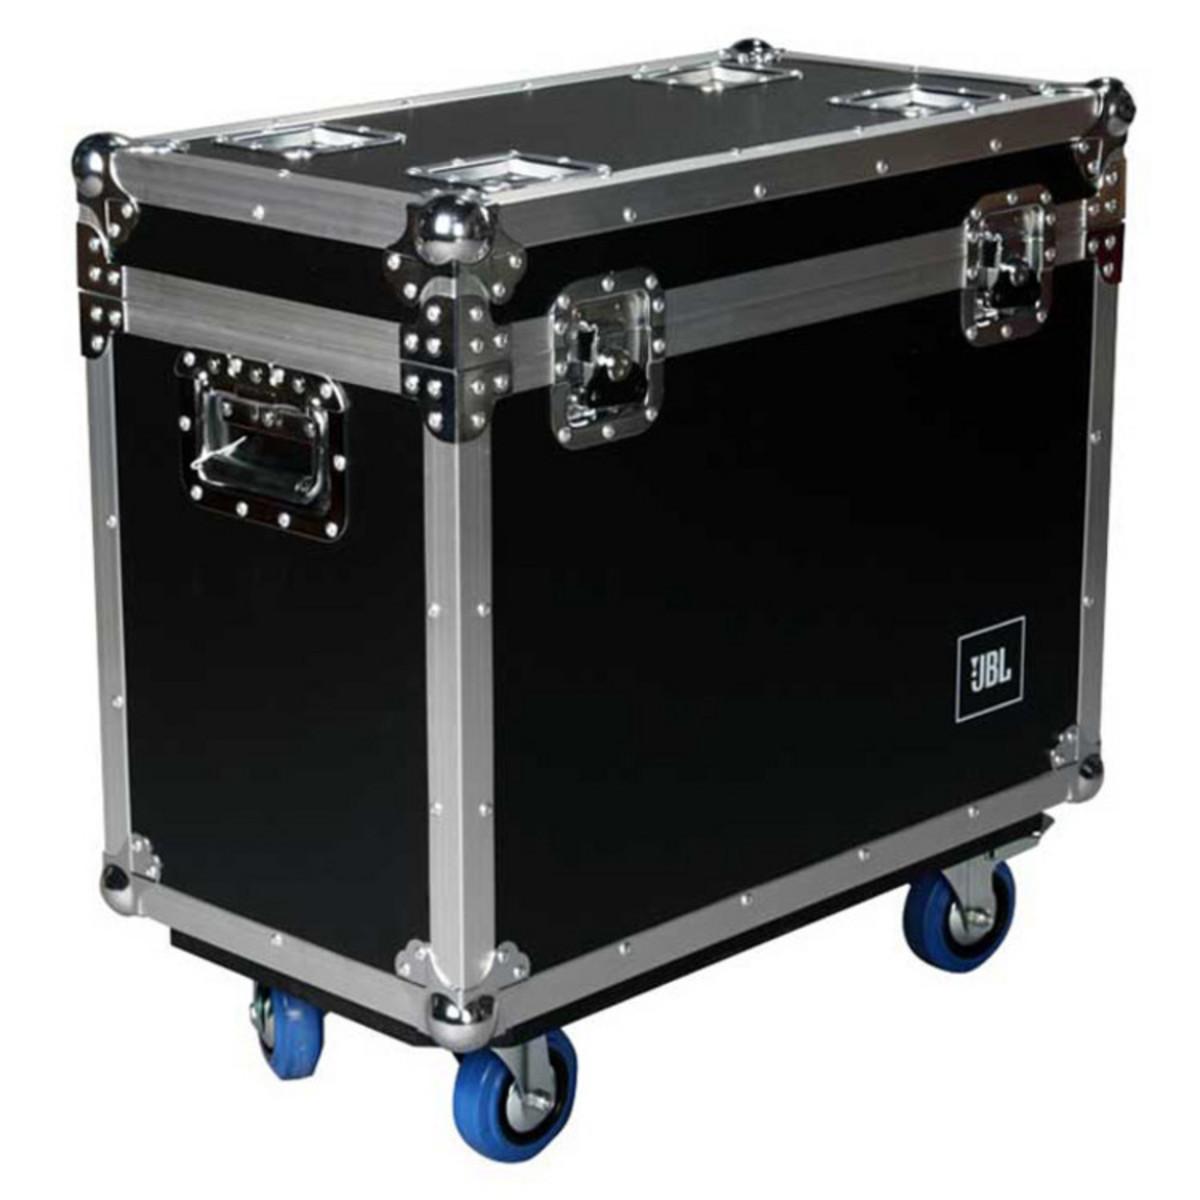 gator jbl flight eon210 wheeled flight case for jbl eon210. Black Bedroom Furniture Sets. Home Design Ideas